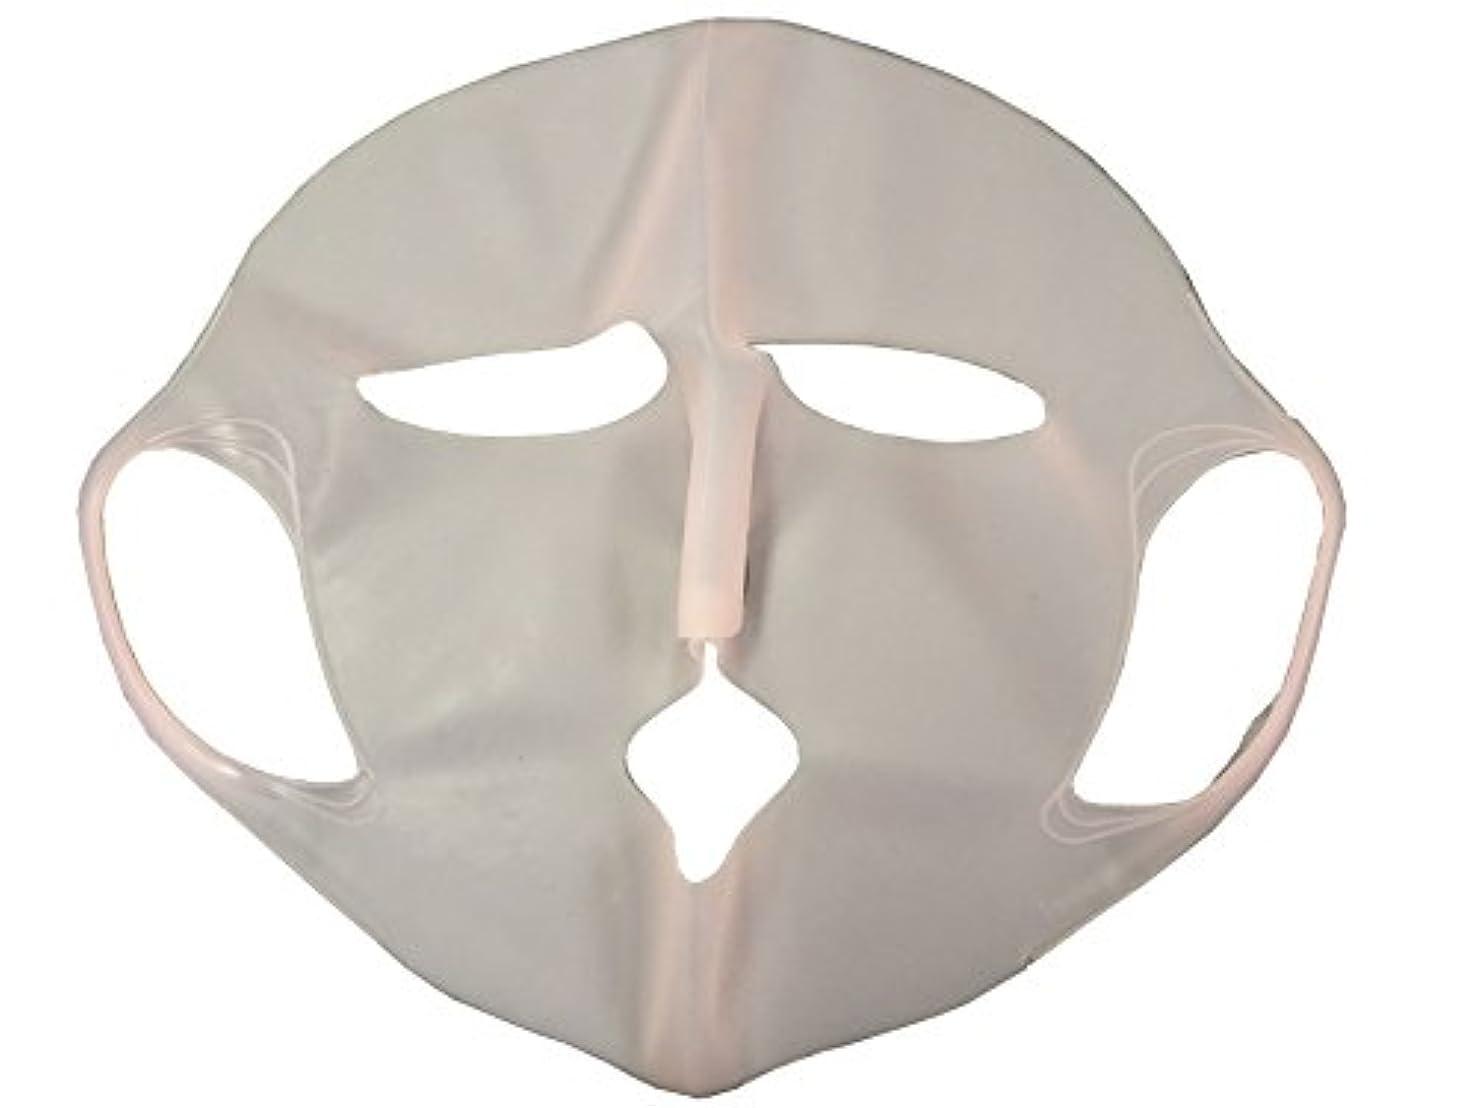 ただやる偽物ニックネームシリコンマスク ピンク 1枚